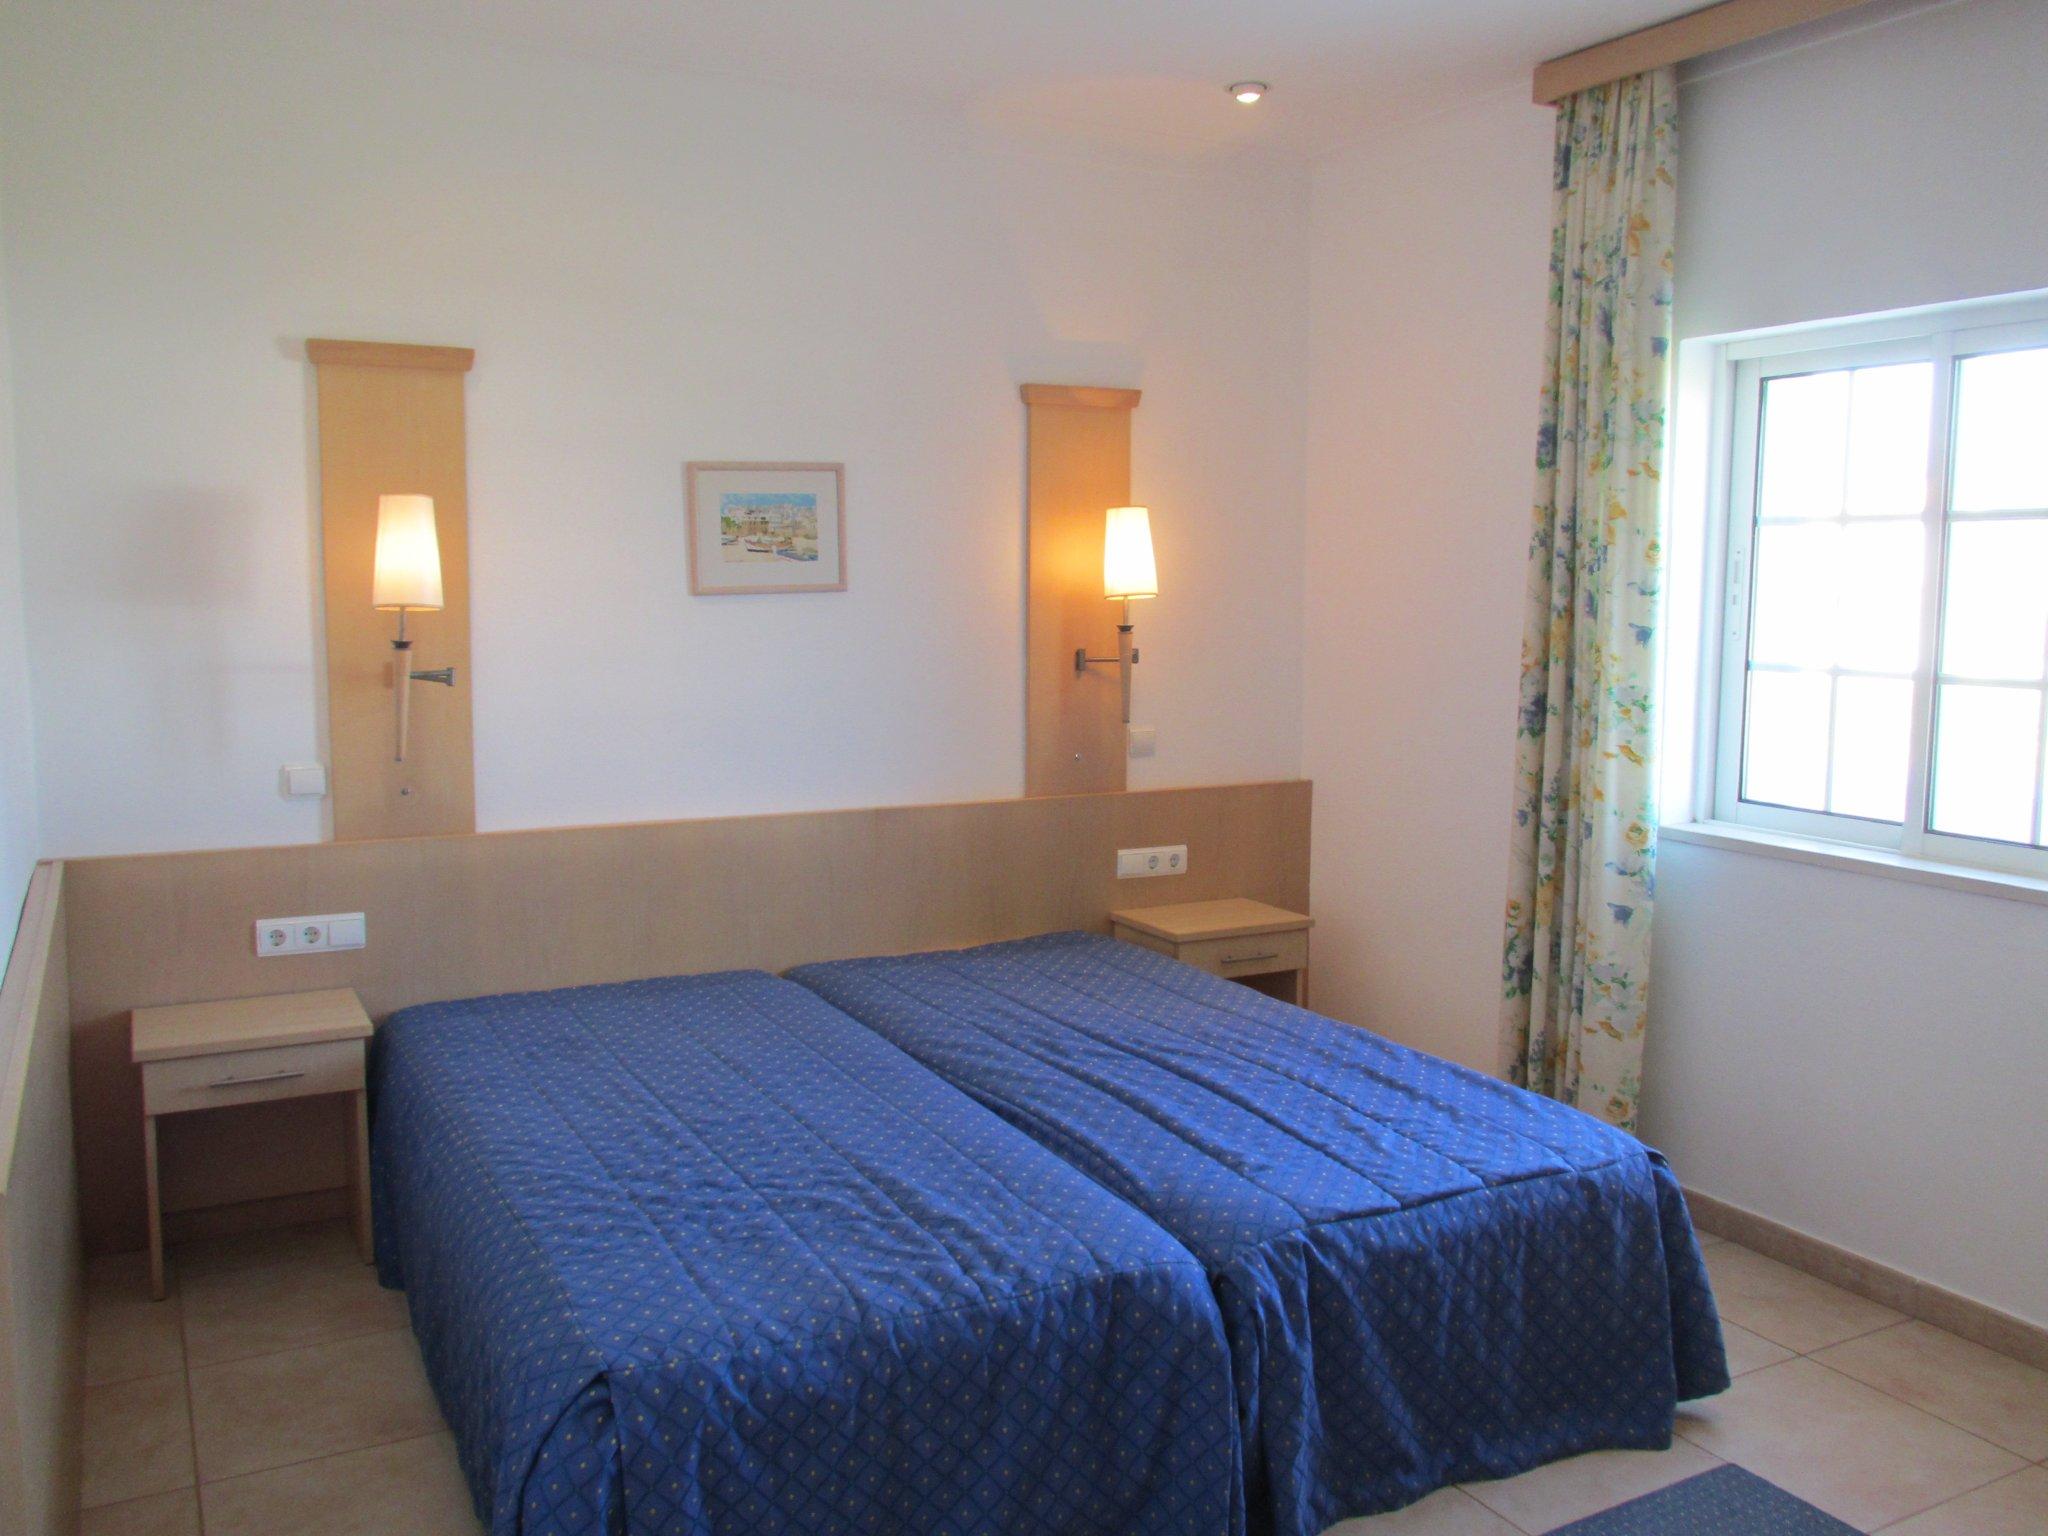 ein Schlafzimmer in blau